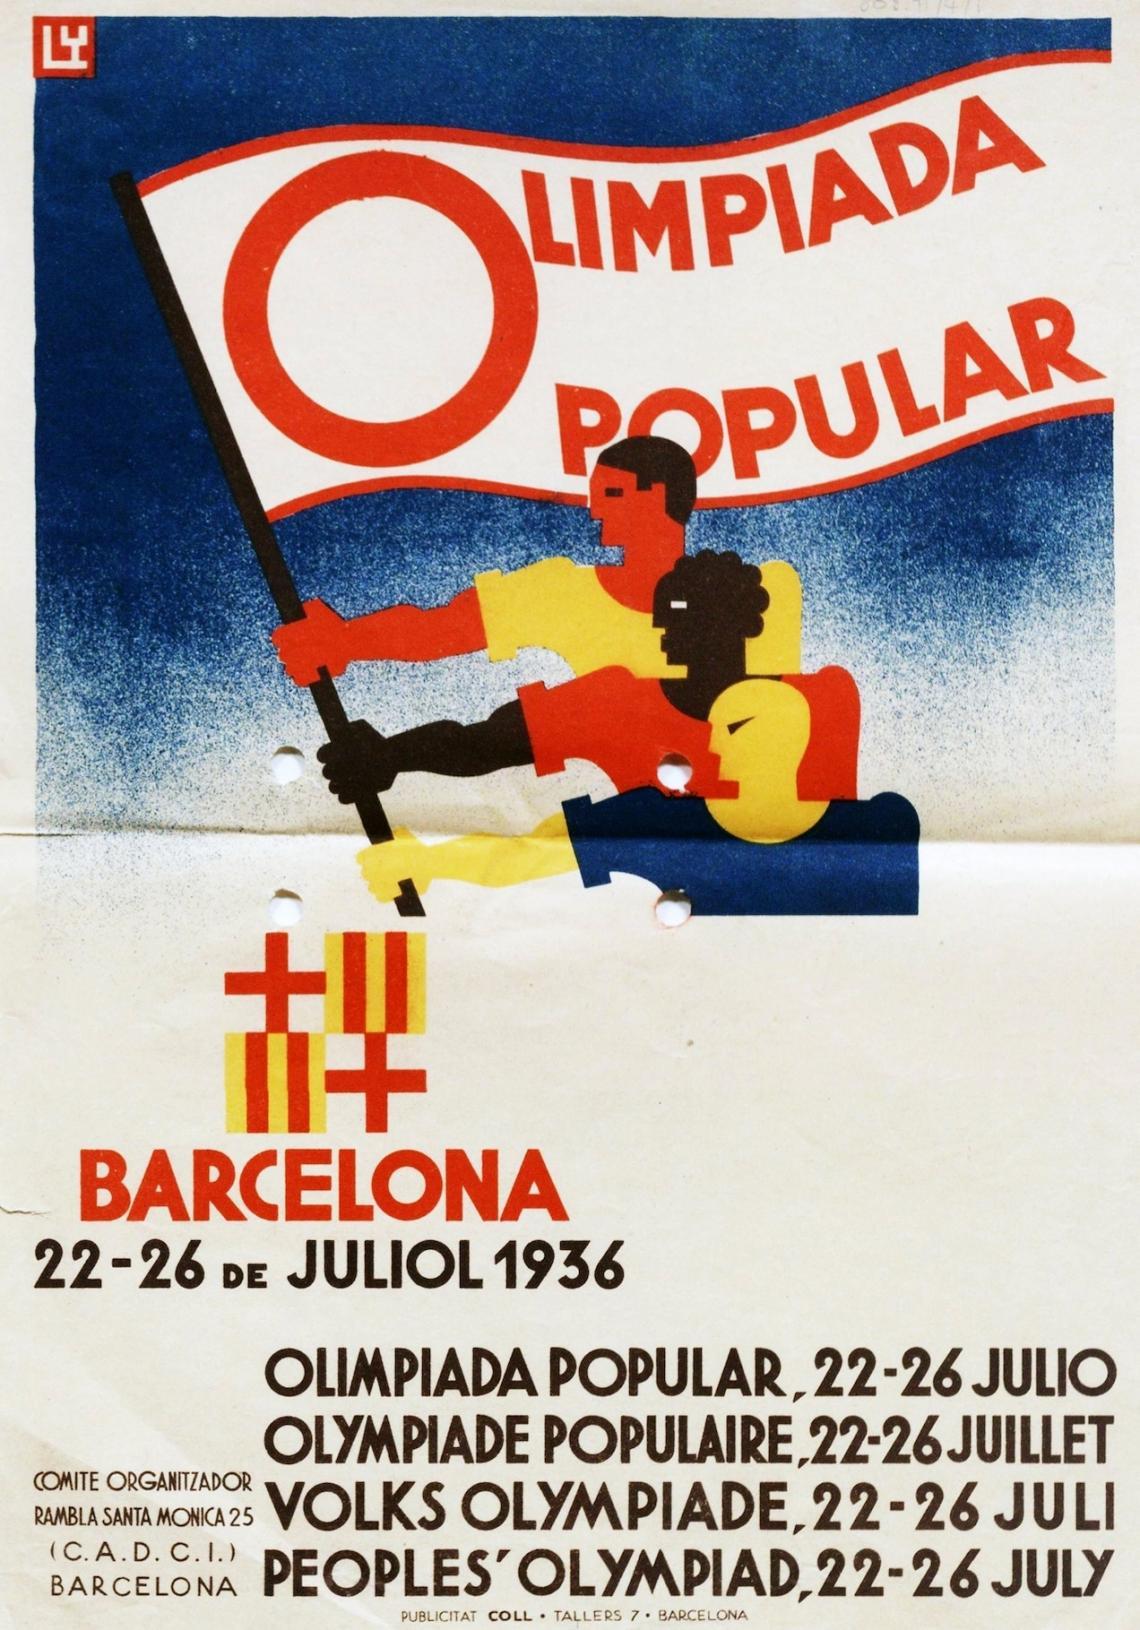 Спортисти от различни раси държат знамето на Олимпийските игри, които е трябвало да се състоят в Барселона през 1936 г. като антифашистки протест ср...